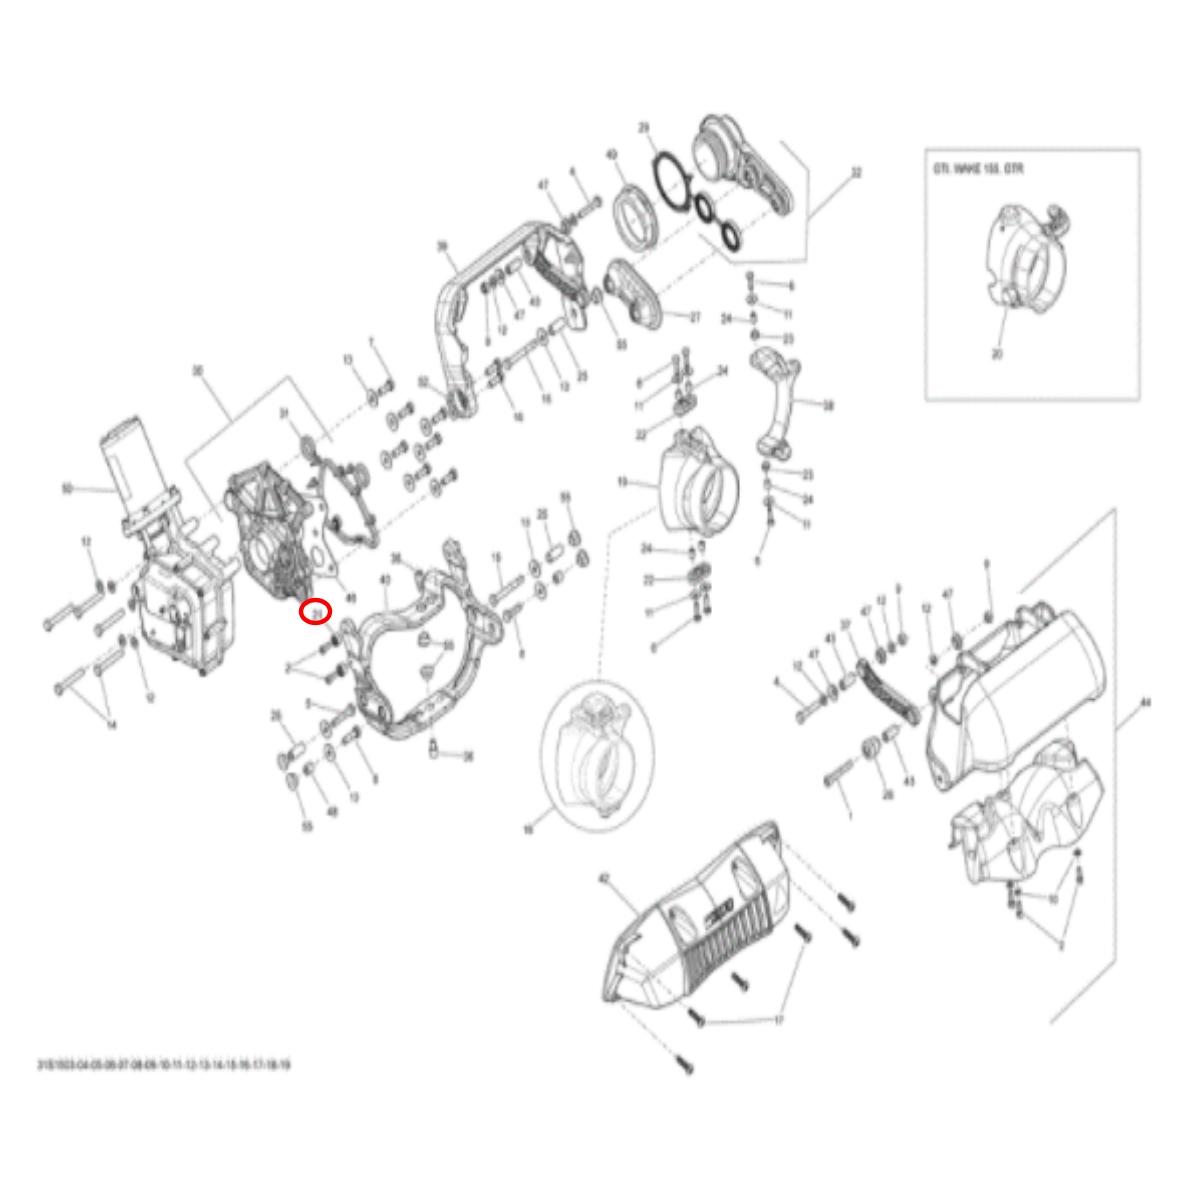 Bucha Freio para Sea Doo 4 TEC (BUCHA NYLON IBR)  - Radical Peças - Peças para Jet Ski